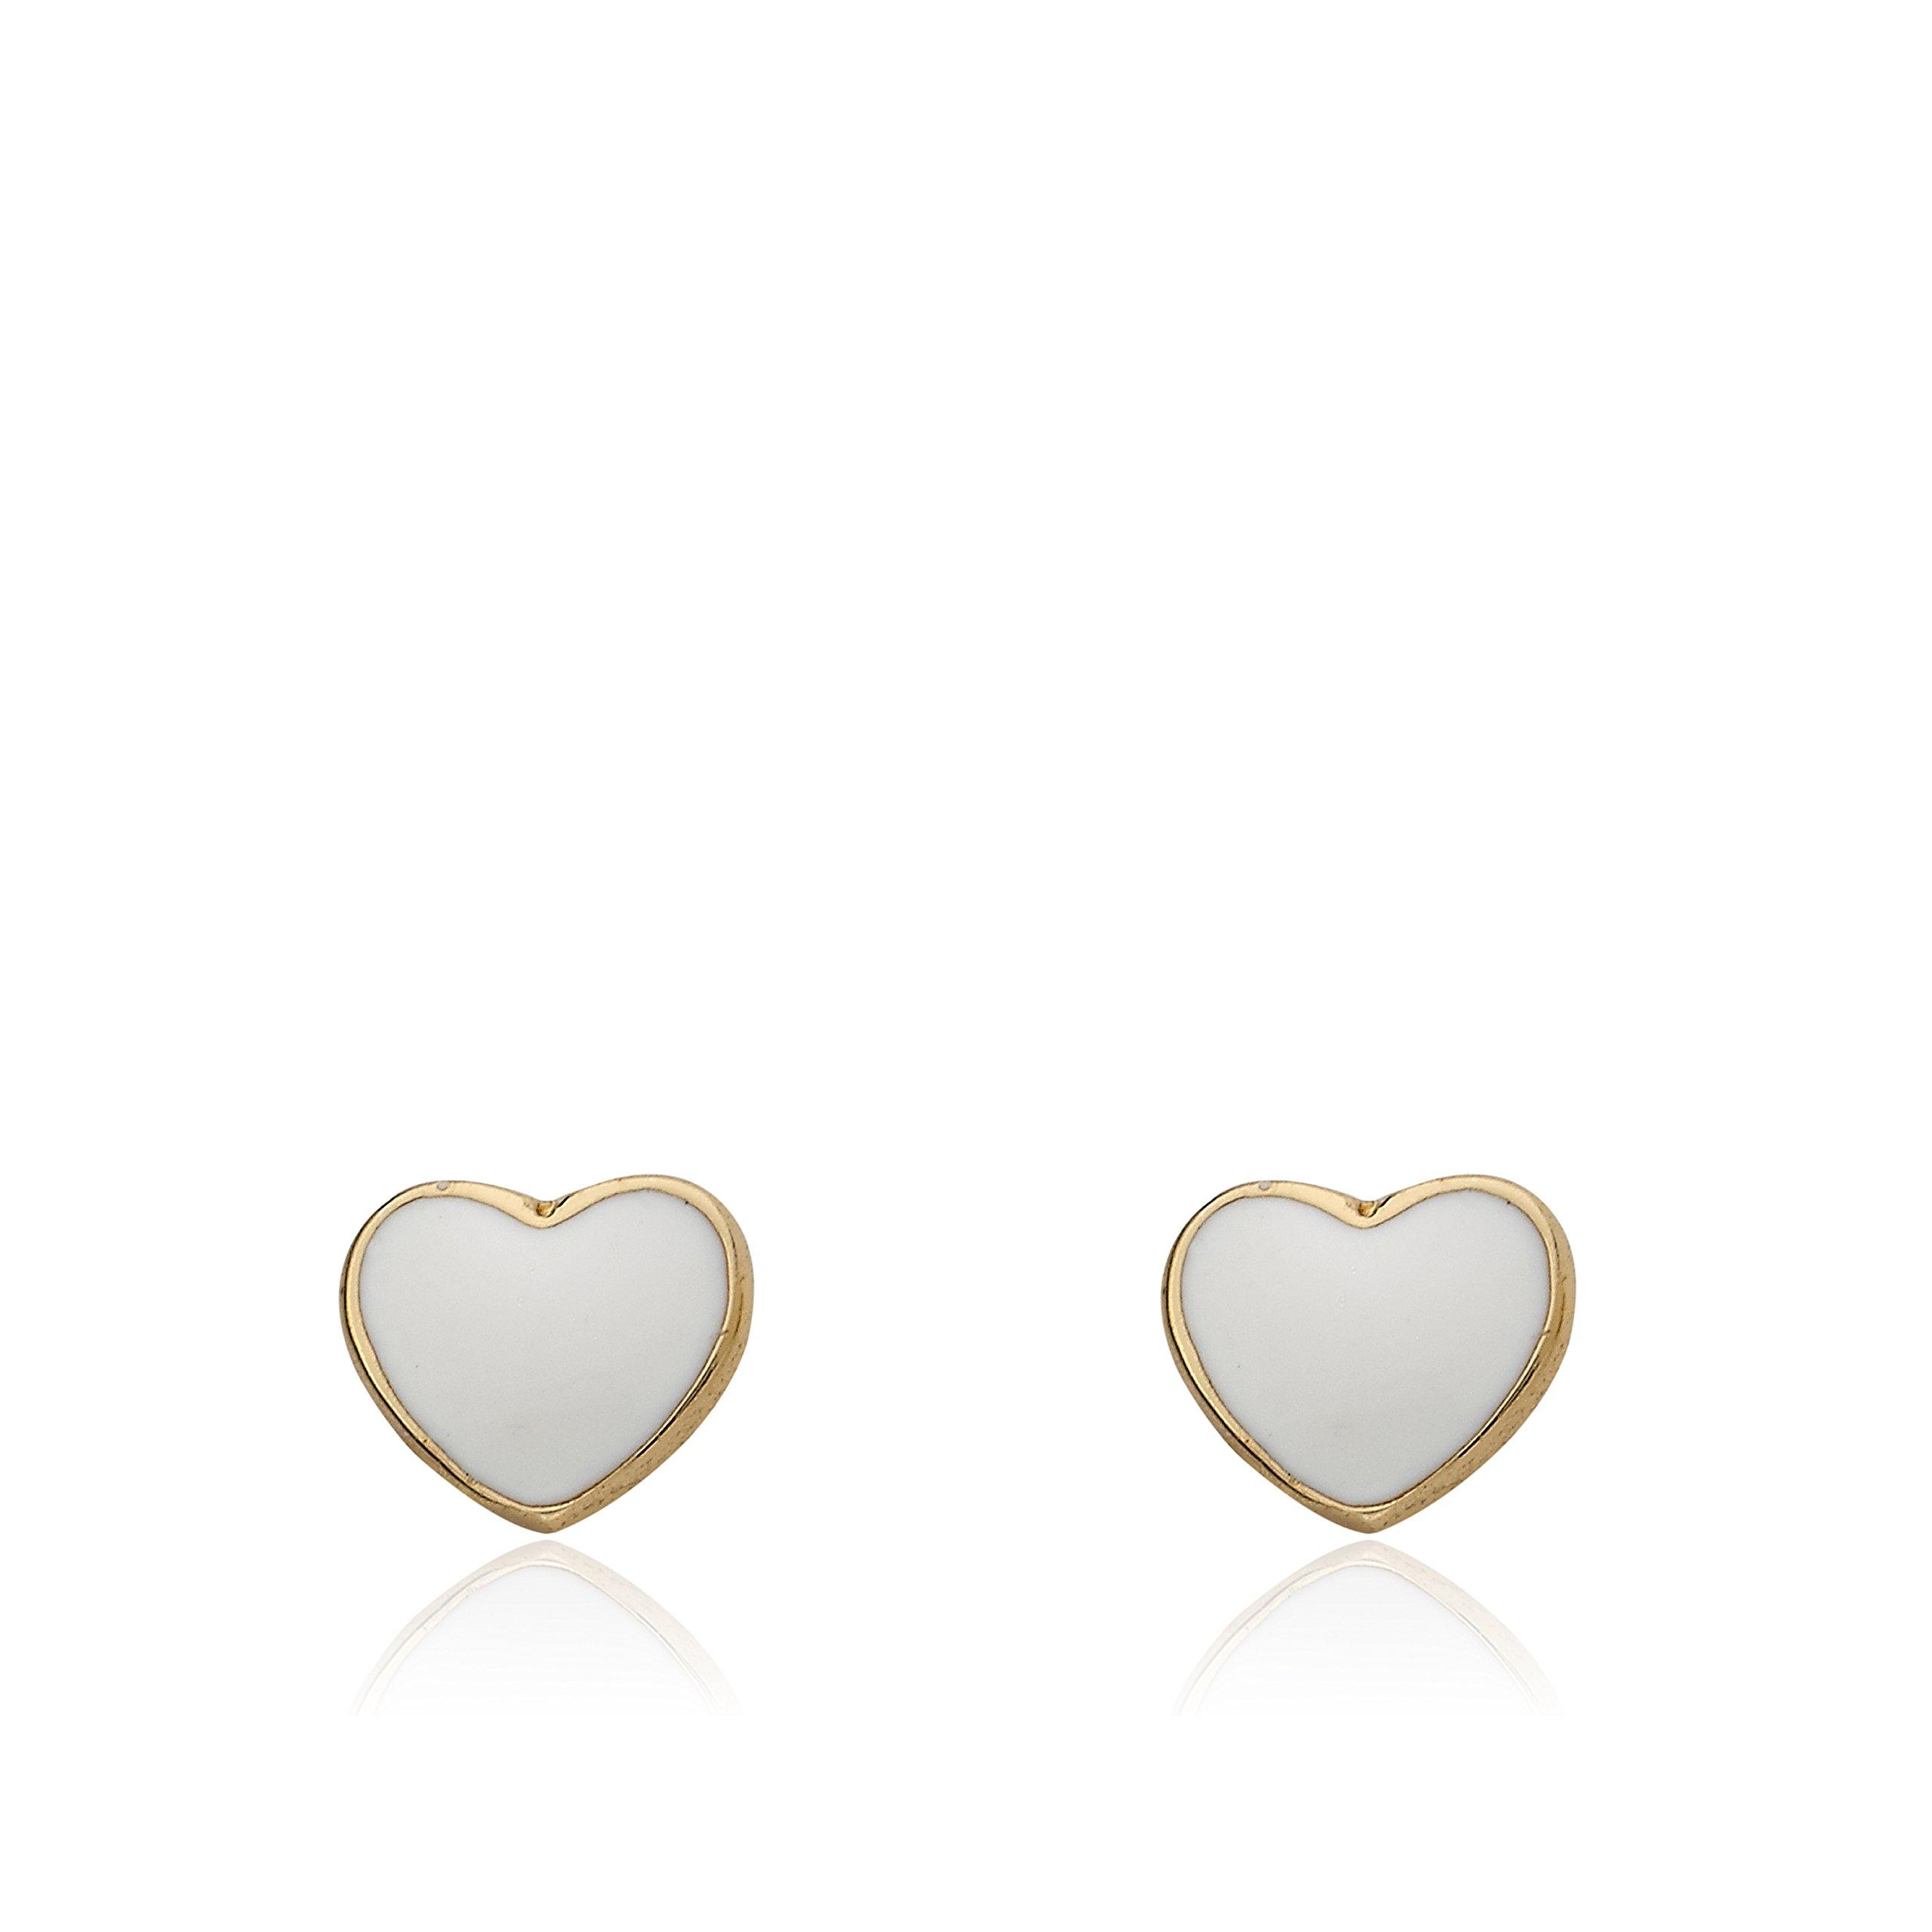 Little Miss Twin Stars I LOVE My Jewels 14k Gold-Plated White Enamel Heart Stud Earring/ by Little Miss Twin Stars (Image #1)